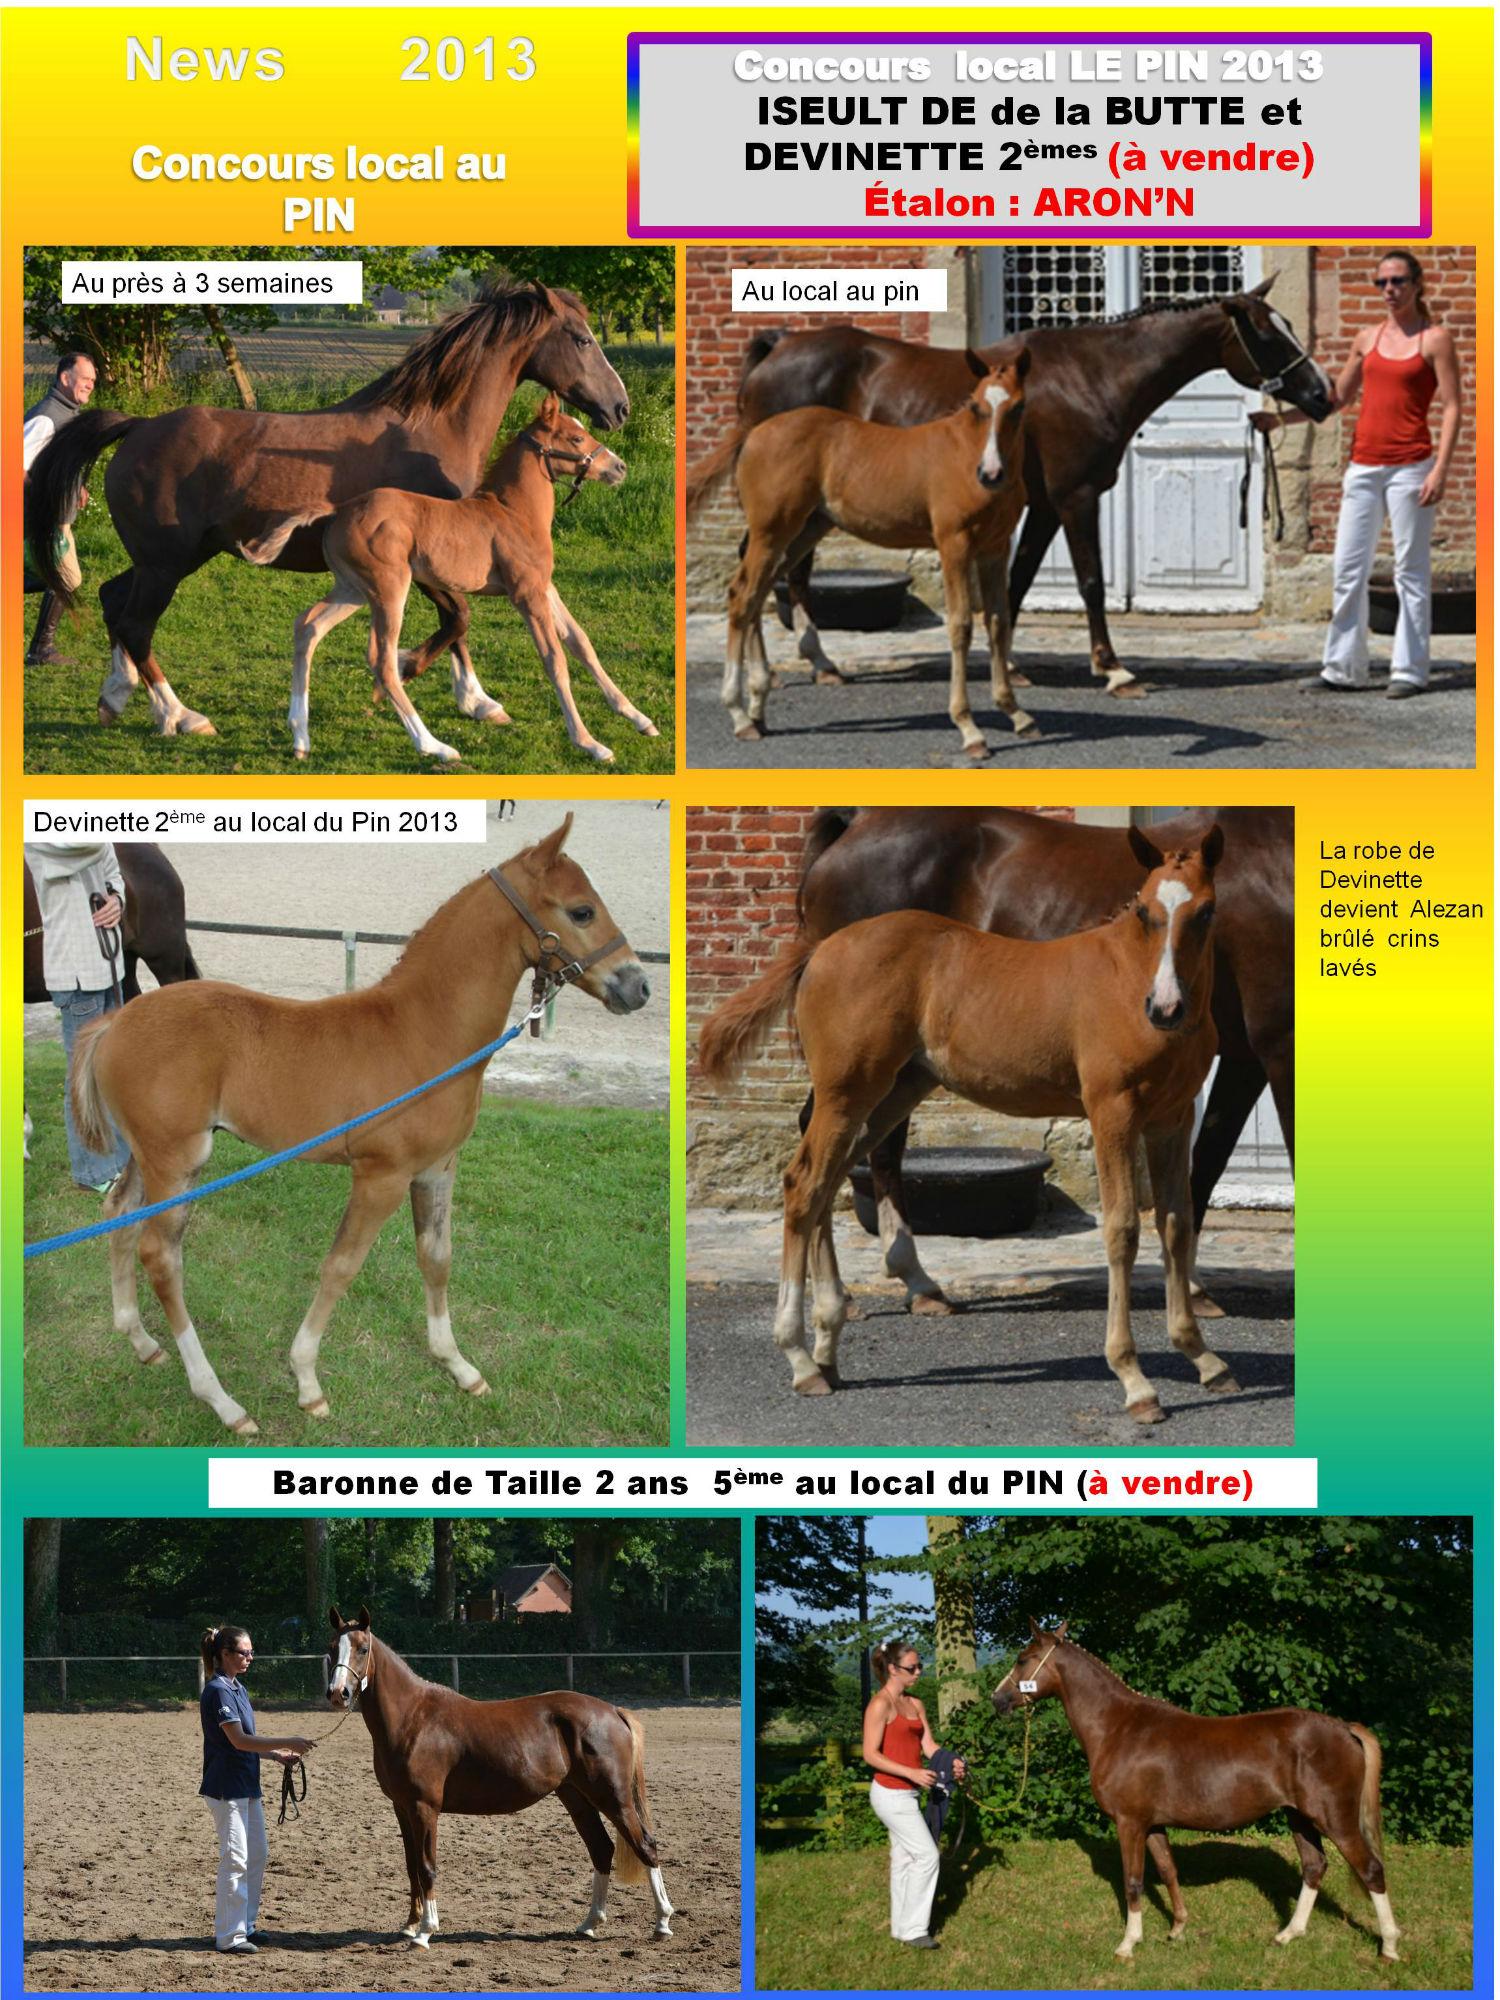 concours élevage le PIN 2013 Devinette de Béchevel et Baronne de taille